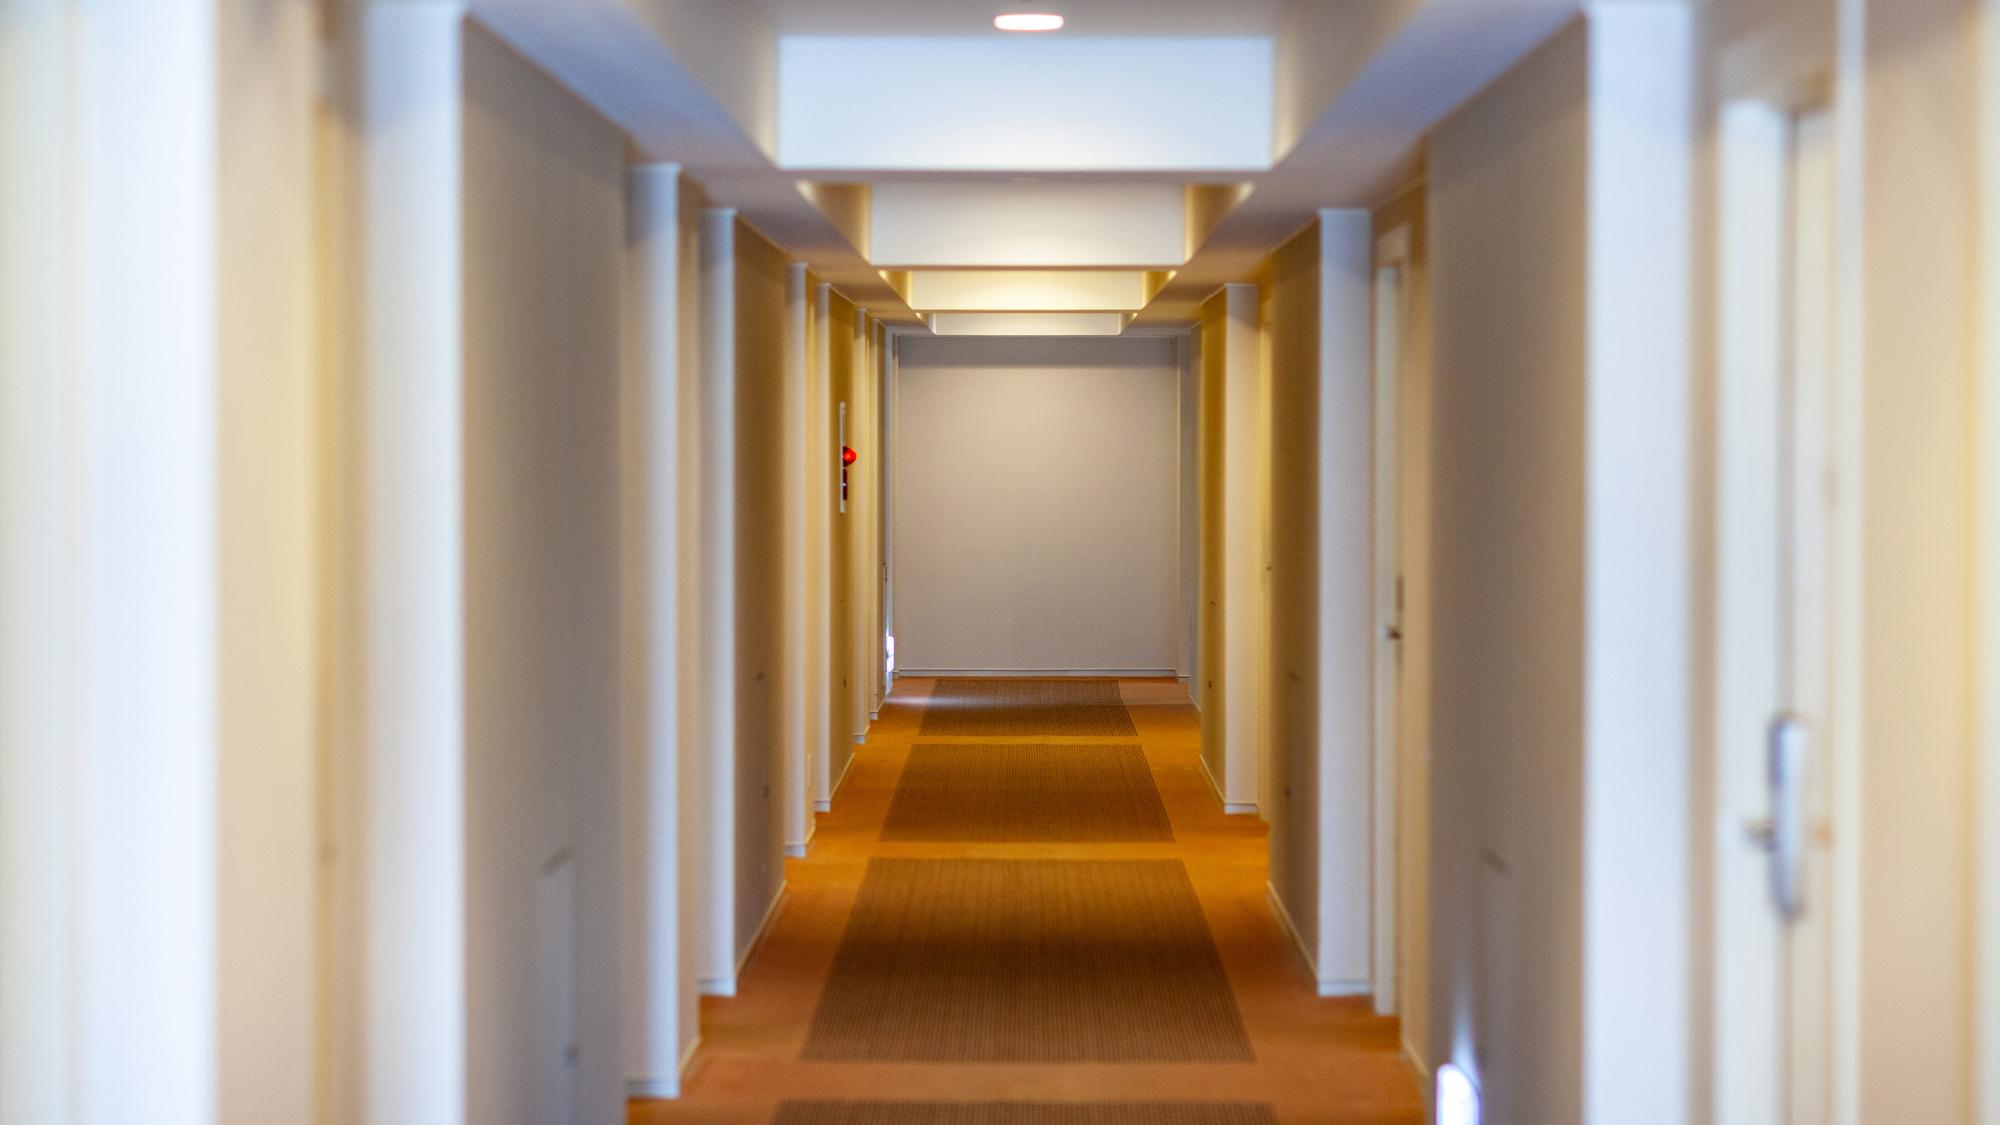 内廊下は何が良い?内廊下のメリットと外廊下との違いについて